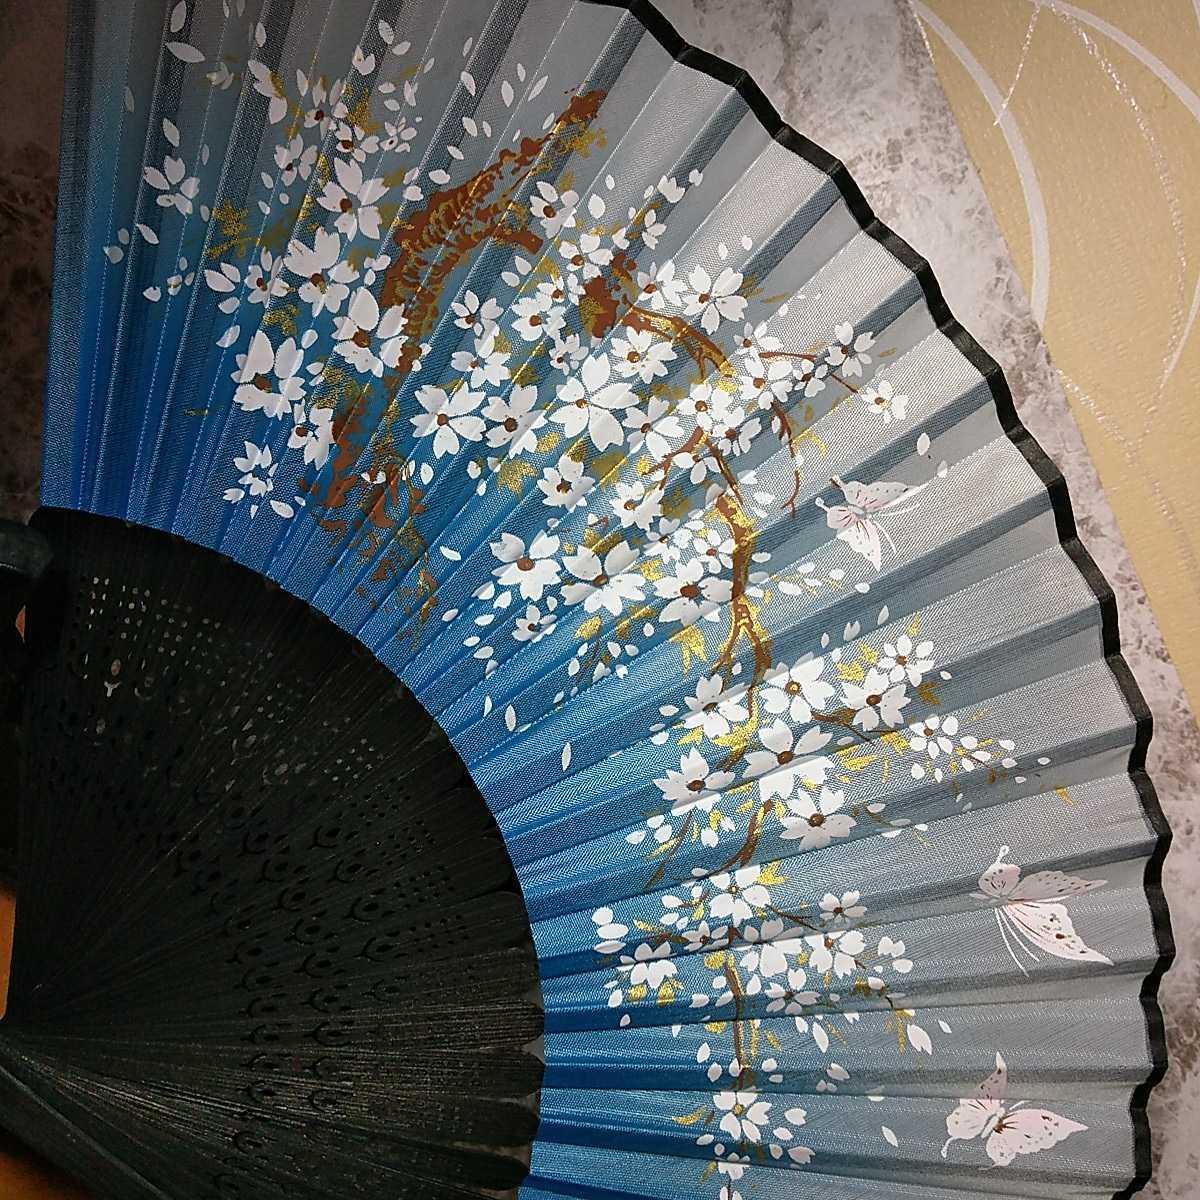 【新品】 扇子 桜 花びら グラデーション 黒 水色 白 日本舞踊 和装小物_画像2